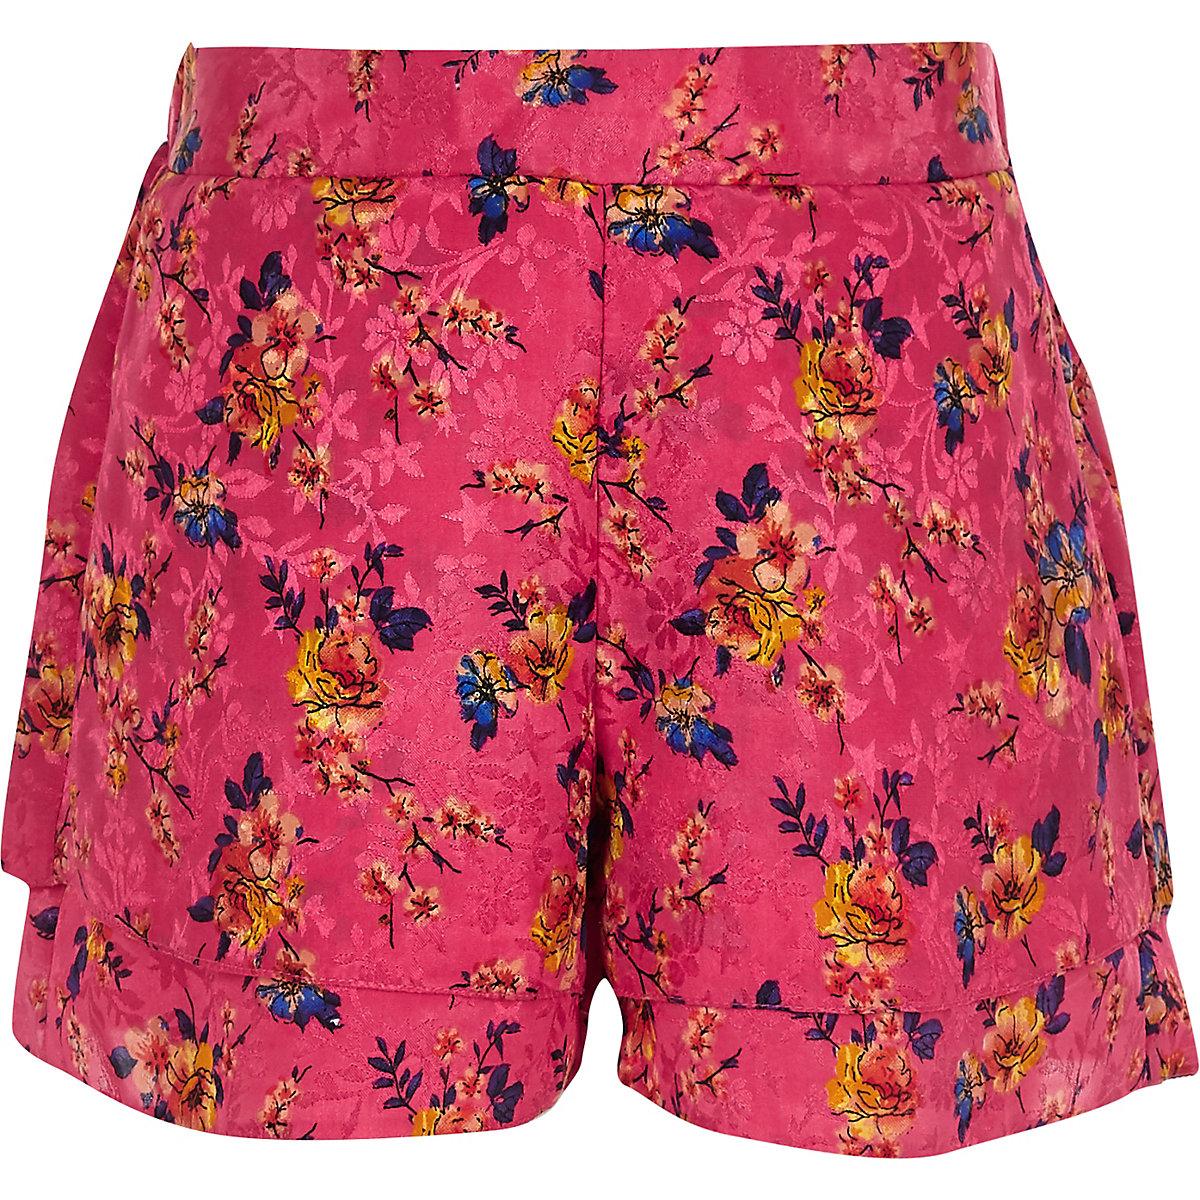 Girls pink floral jacquard shorts